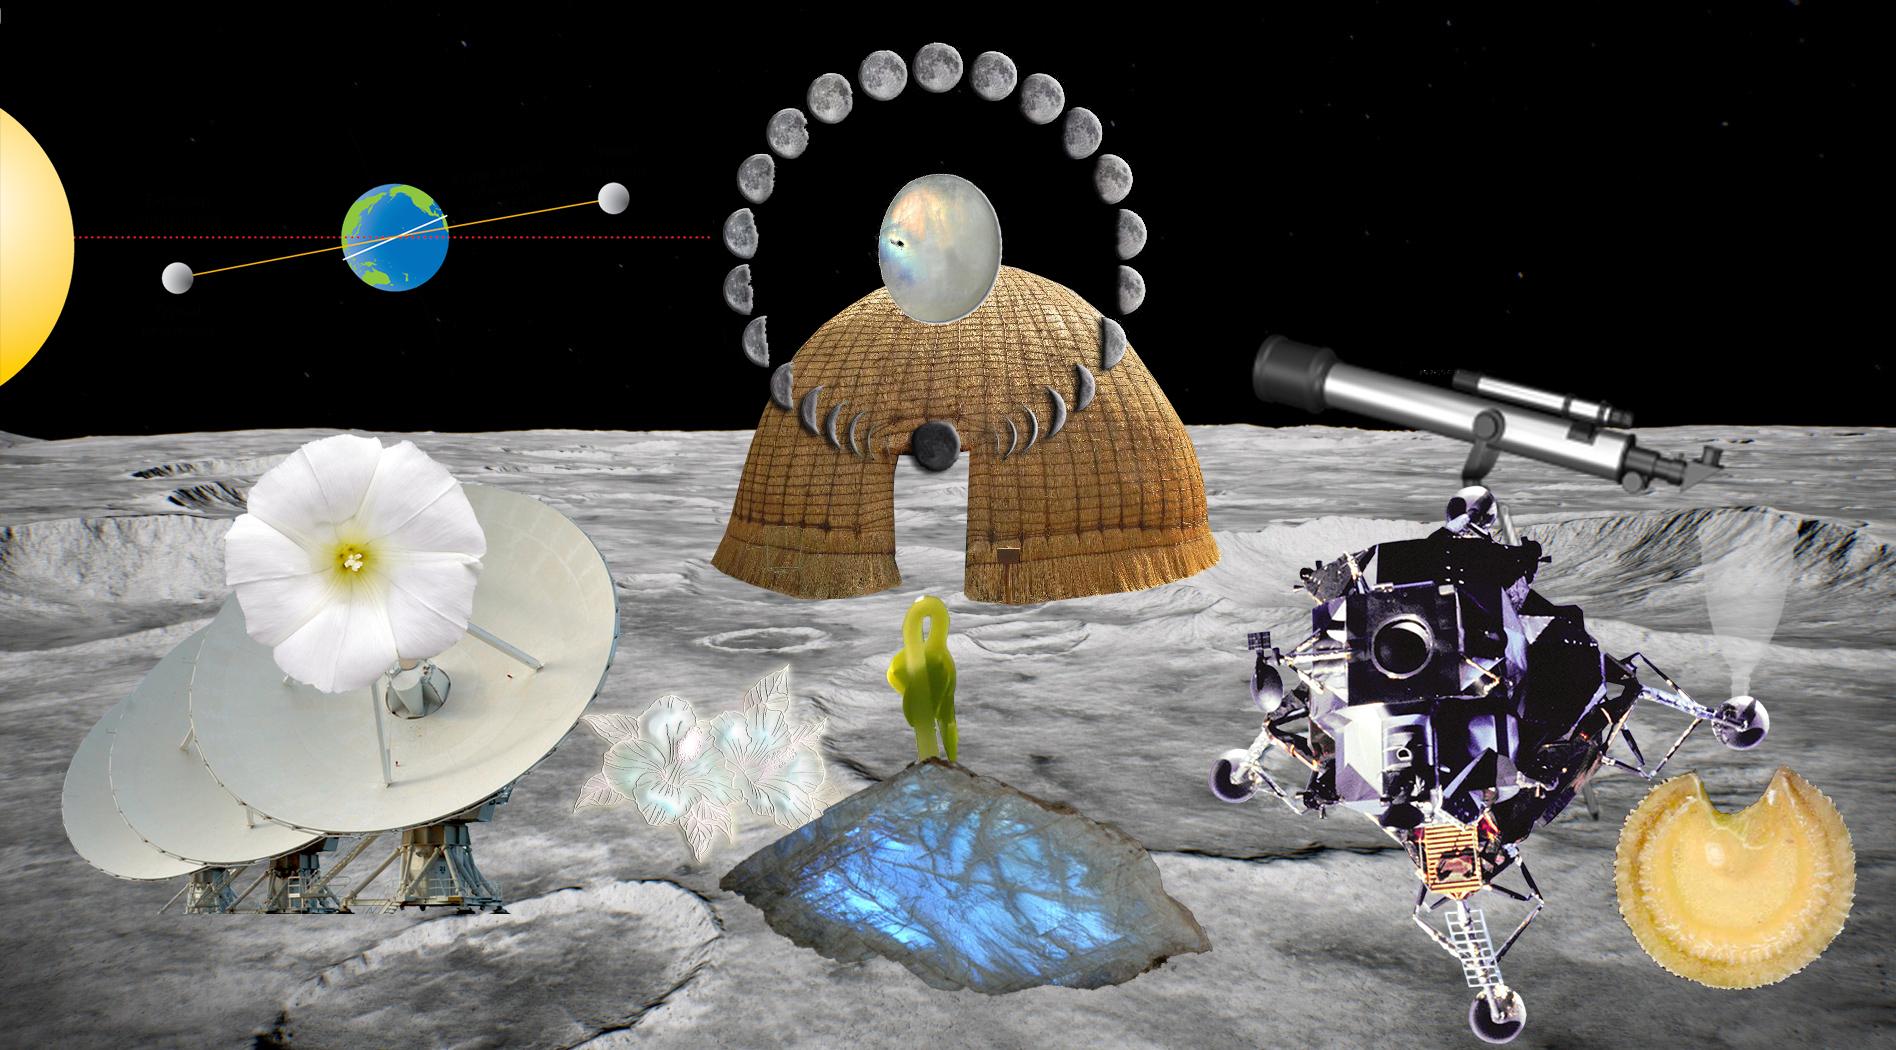 satelite4.jpg